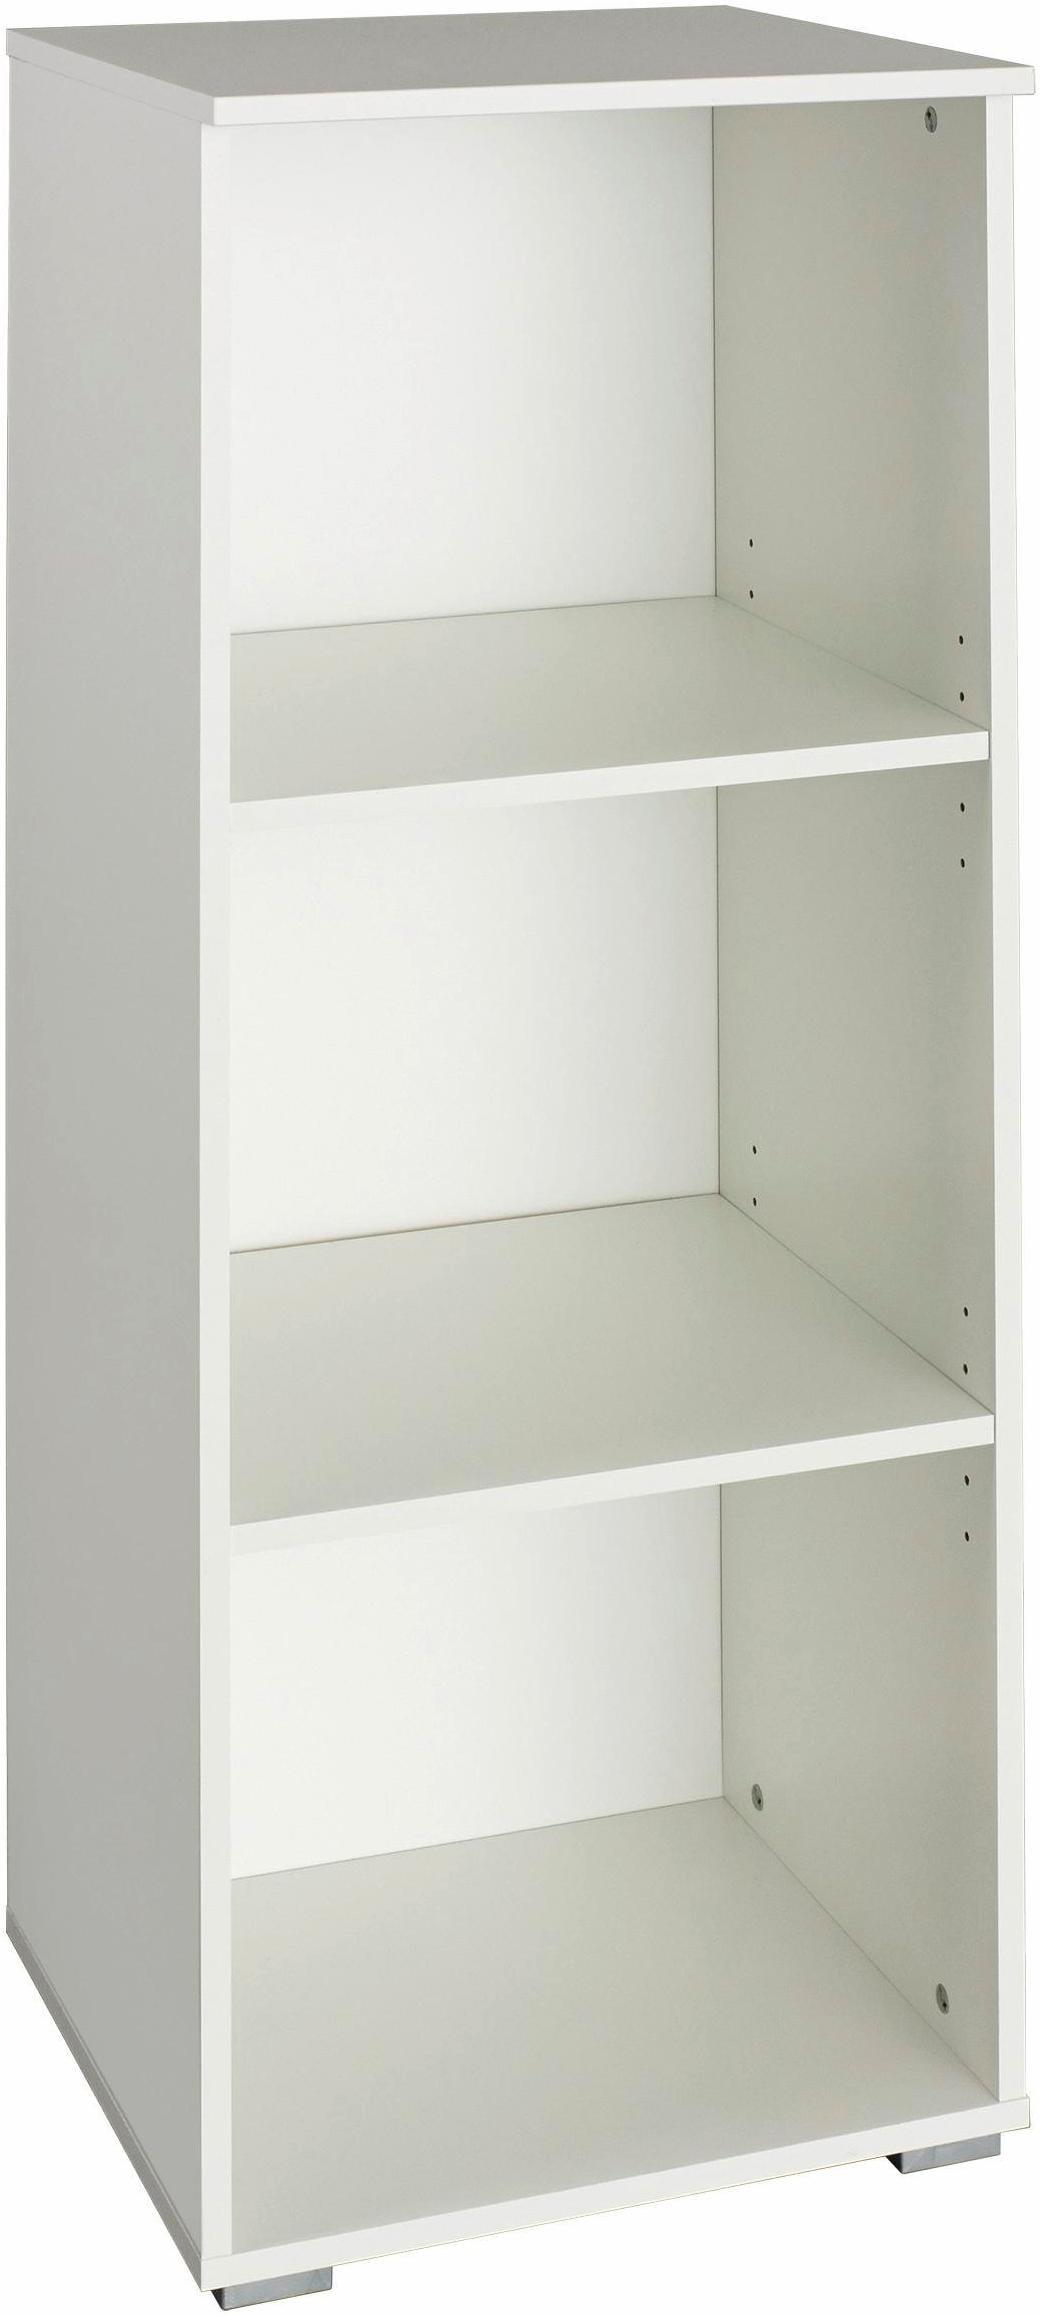 Quelle Einzelregale Online Kaufen Möbel Suchmaschine Ladendirektde